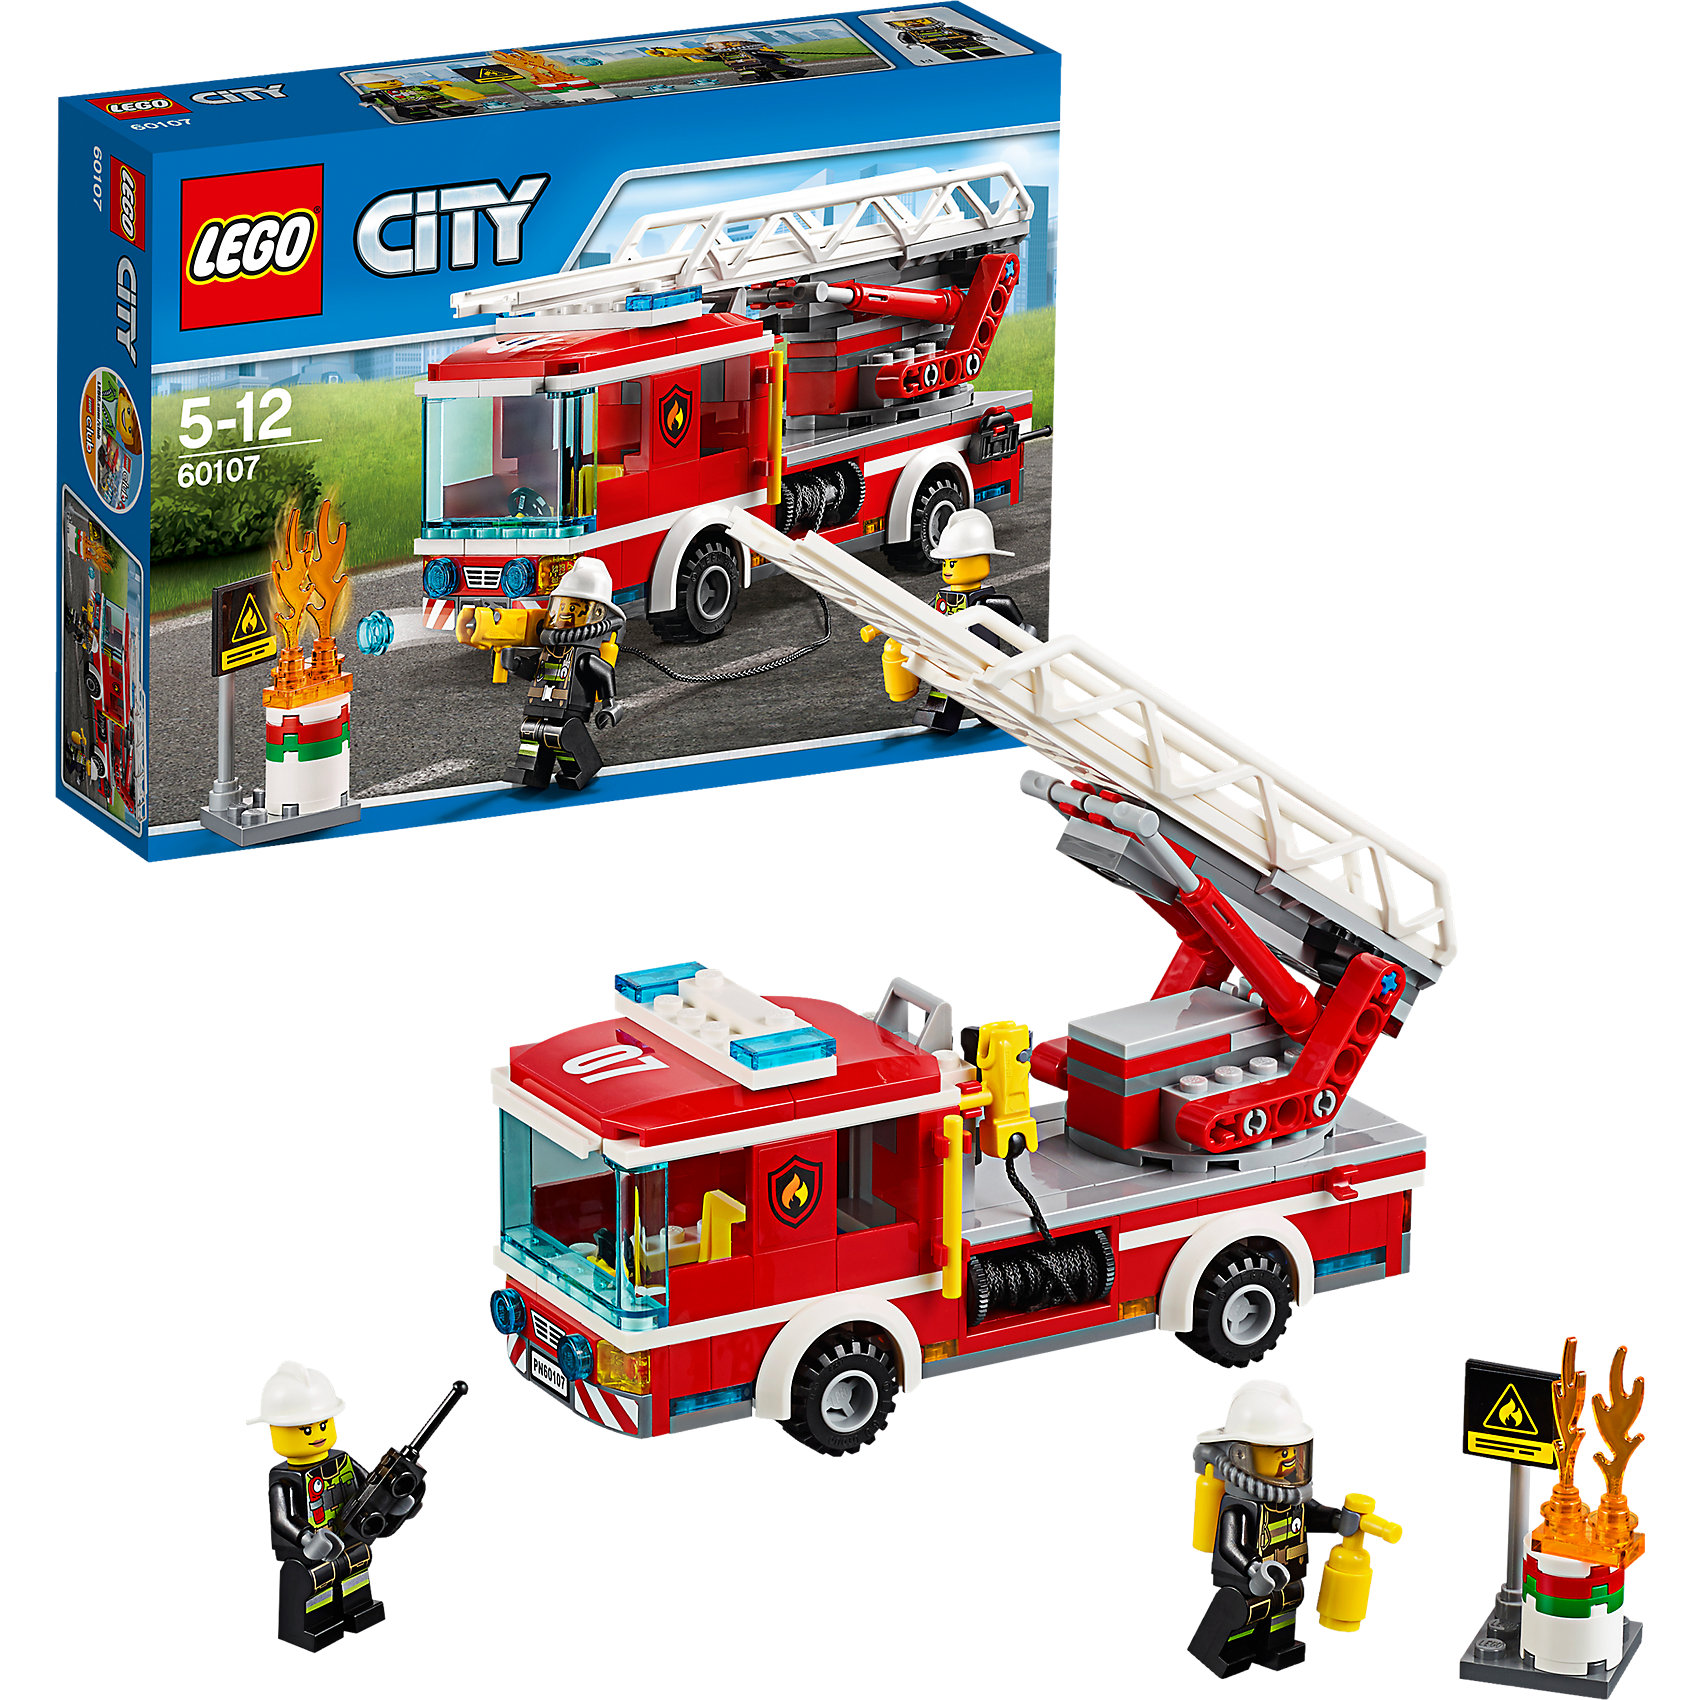 LEGO City 60107: Пожарный автомобиль с лестницейПластмассовые конструкторы<br>LEGO City (ЛЕГО Сити) 60107: Пожарный автомобиль с лестницей подарит Вашему ребенку новые веселые приключения и расширит игровые возможности. В городе Лего загорелась бочка с нефтью! Вместе с командой опытных пожарных поспеши на место происшествия пока бочка не взорвалась. Пожарная машинка, которую Вы сможете собрать из деталей набора, отличается высокой степенью детализации и множеством интересных элементов. Спереди располагается просторная кабина с местом для водителя, рулем, рычагами управления и прозрачным лобовым стеклом. На крыше размещаются сигнальные огни. Задняя часть автомобиля представляет собой платформу с пожарным шлангом, брандспойтом и складной лестницей. Также в комплект входят детали для сборки горящего бака и две минифигурки пожарных с аксессуарами.<br><br>Серия конструкторов  LEGO City позволяет почувствовать себя инженером и архитектором, строителем или мэром города. Вы можете создавать свой город мечты, развивать городскую инфраструктуру, строить дороги и здания, управлять городским хозяйством и следить за порядком.<br>В игровых наборах с разнообразными сюжетами много интересных персонажей, оригинальных объектов и городской техники. Это уникальная возможность для ребенка развивать фантазию и логическое мышление, узнавать и осваивать разные профессии.<br><br>Дополнительная информация:<br><br>- Игра с конструктором LEGO (ЛЕГО) развивает мелкую моторику ребенка, фантазию и воображение, учит его усидчивости и внимательности.<br>- Количество деталей: 214.<br>- Количество минифигур: 2.<br>- Серия: LEGO City (ЛЕГО Сити).<br>- Материал: пластик.<br>- Размер собранной пожарной машины: 8 х 20 х 5 см.<br>- Размер упаковки: 26 х 6 х 19 см.<br>- Вес: 0,365 кг.<br><br>LEGO City (ЛЕГО Сити) 60107: Пожарный автомобиль с лестницей можно купить в нашем интернет-магазине.<br><br>Ширина мм: 265<br>Глубина мм: 189<br>Высота мм: 69<br>Вес г: 369<br>Возраст от месяцев: 60<br>Возраст до месяц